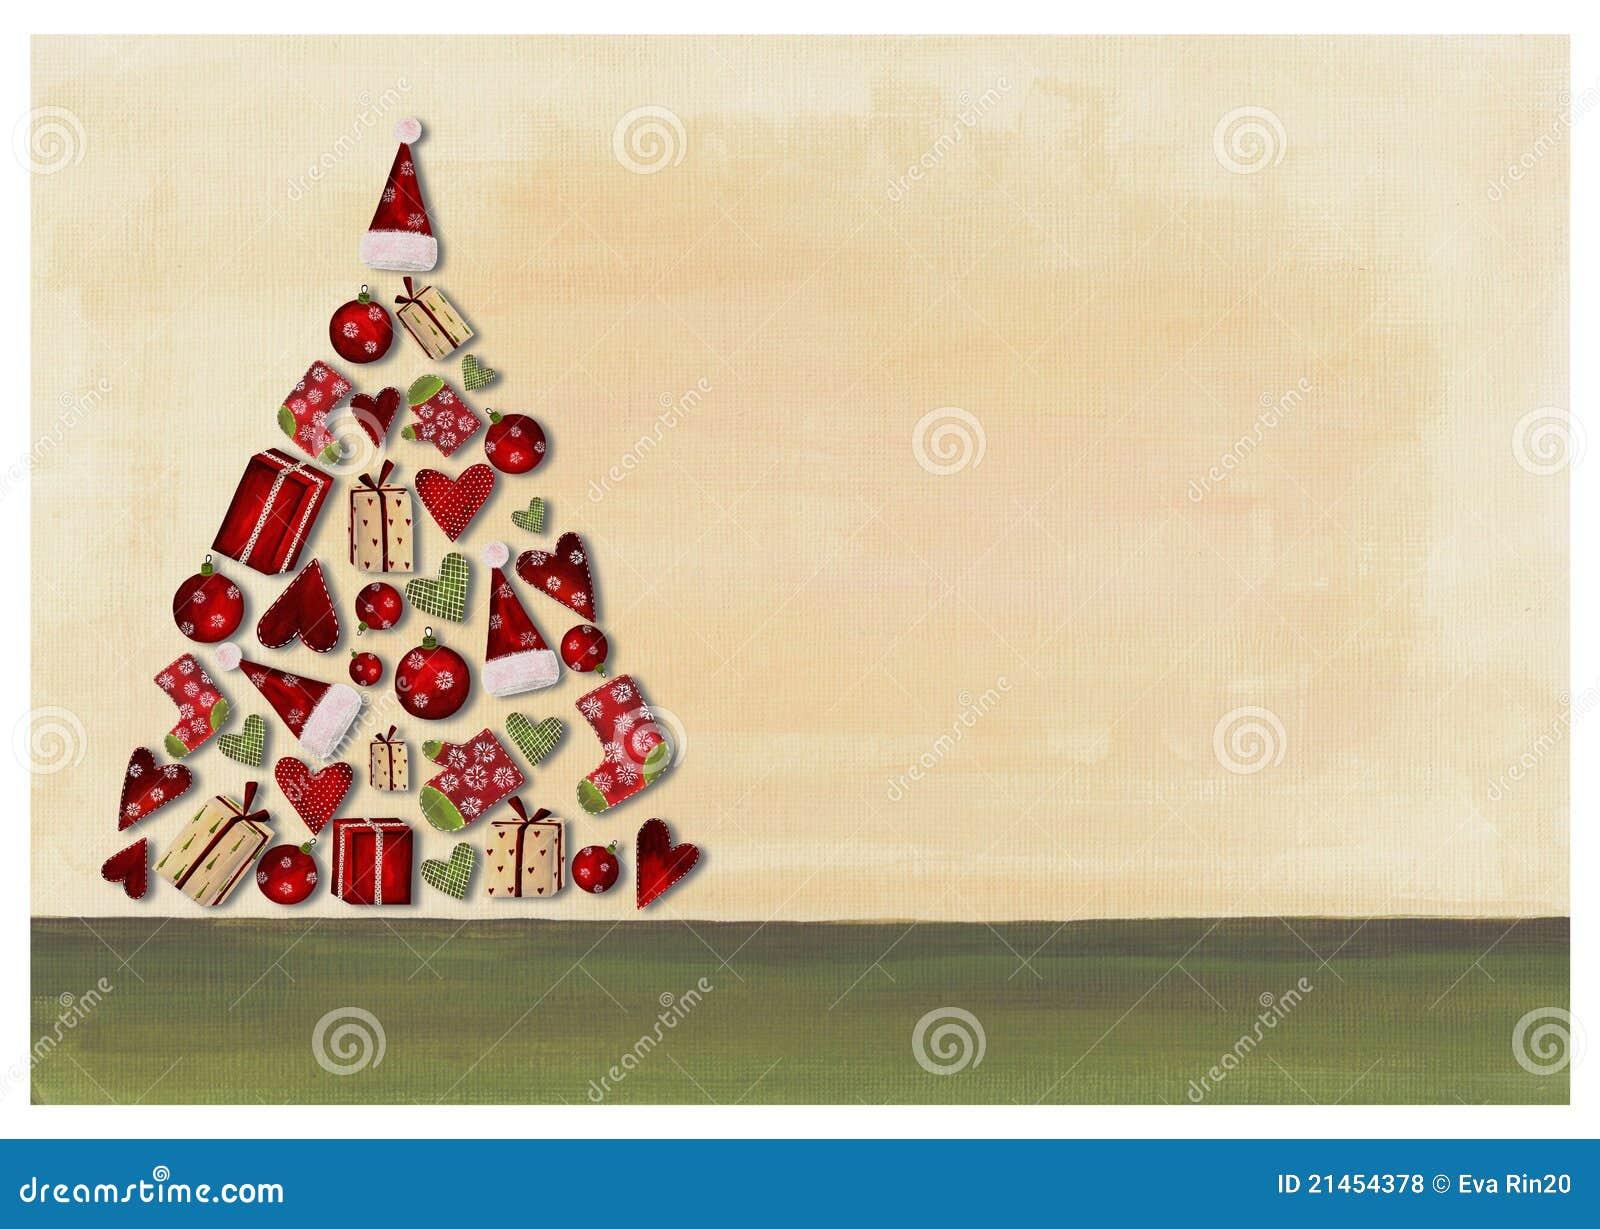 Foto Collage Di Natale.Collage Albero Di Natale Illustrazione Di Stock Illustrazione Di Allegro 21454378